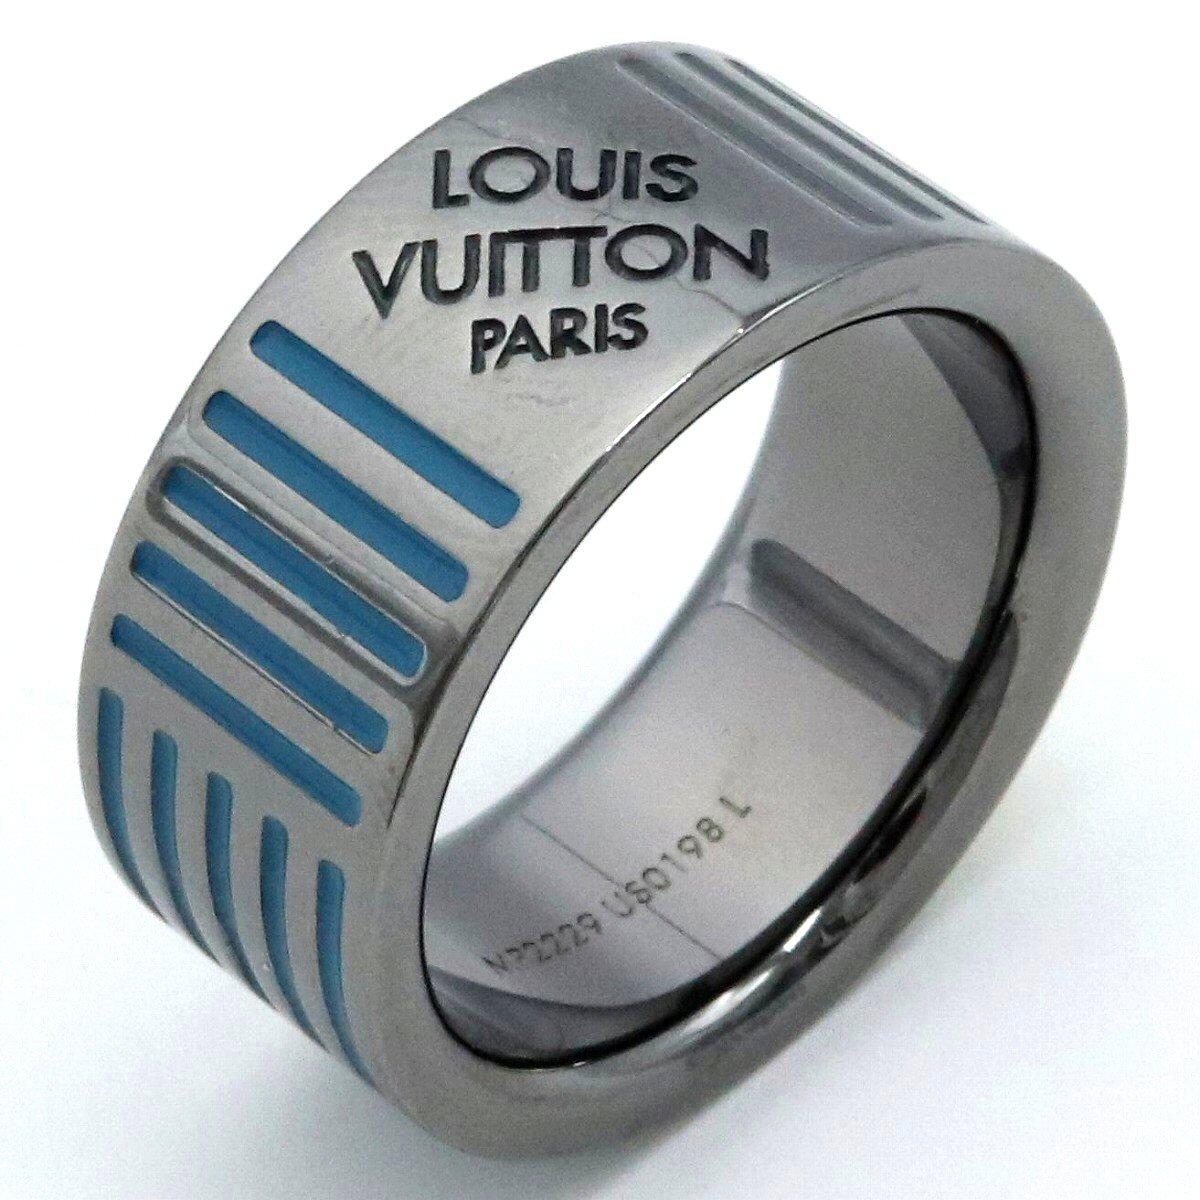 【ジュエリー】LOUIS VUITTON ルイ ヴィトン リング バーグ ダミエ カラーズ 指輪 21号 #21 Lサイズ 青 ブルー 黄 イエロー 灰 グレー シルバーカラー MP2229 【中古】